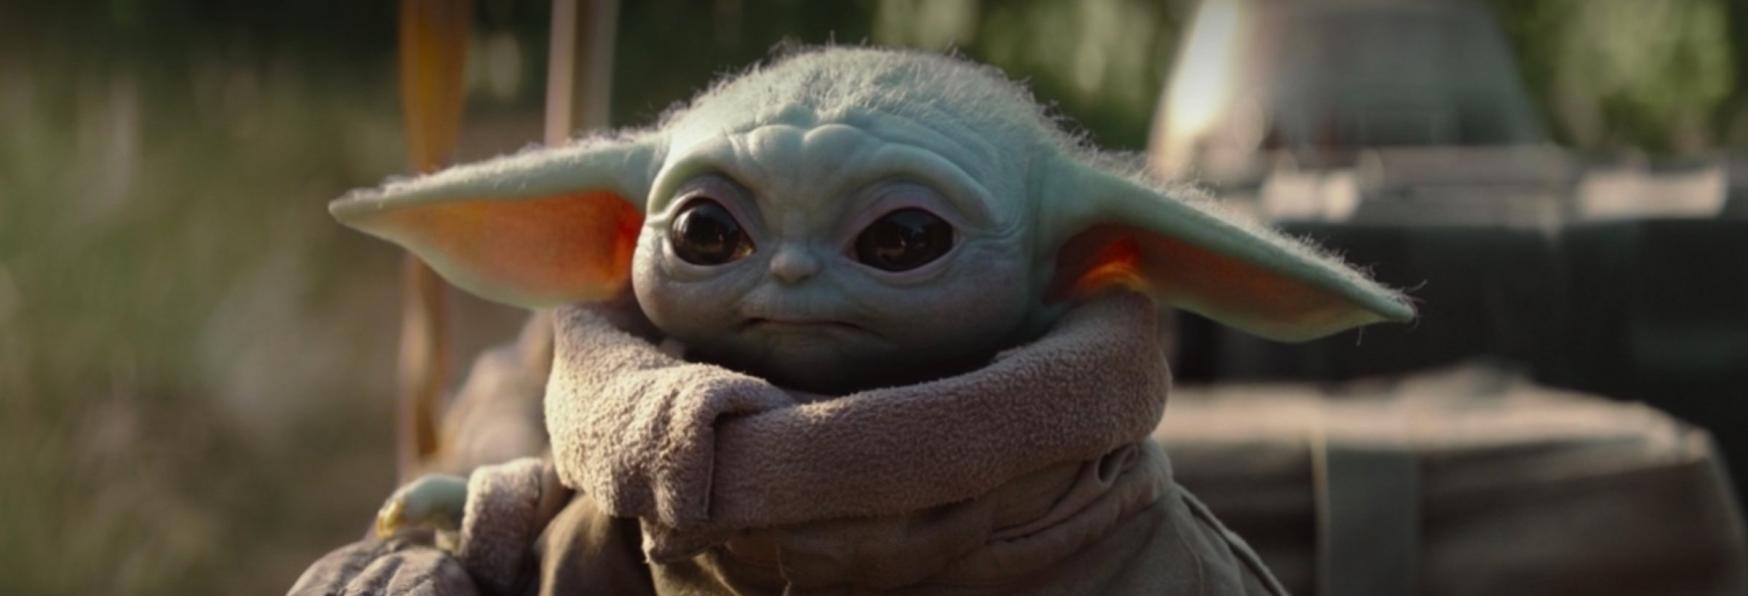 The Mandalorian: il Supervisore degli Effetti Speciali svela alcune Curiosità sulla Serie TV di Disney